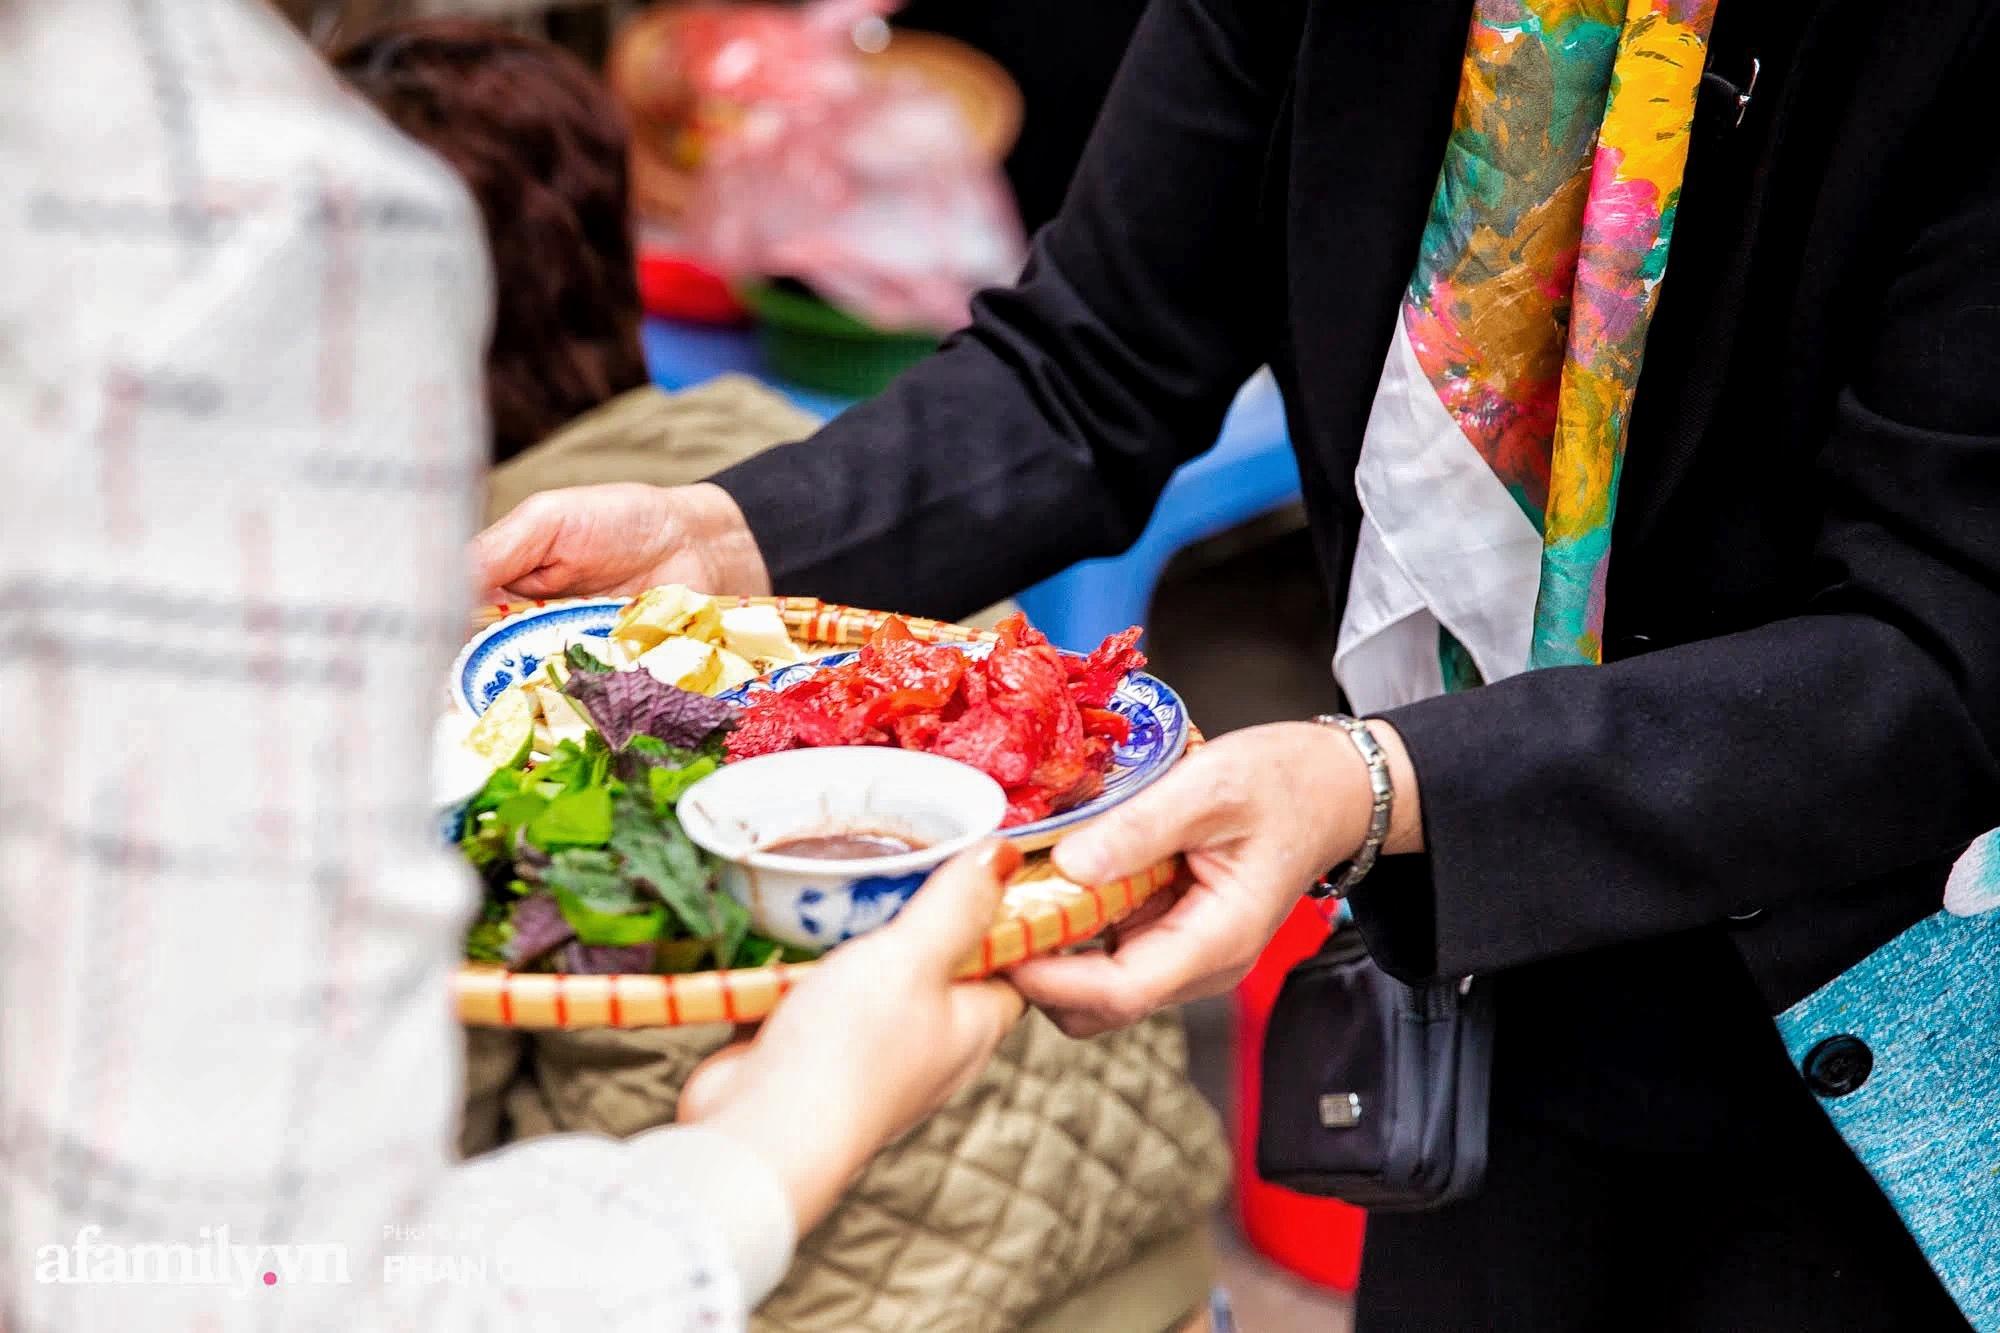 Bà chủ hàng sứa đỏ 3 đời người ở Hà Nội tiết lộ phần ngon nhất của con sứa khi rộ mùa, bật mí chỉ dùng dao tre thay vì dao thép để cắt sứa càng khiến món ăn thêm bí hiểm - Ảnh 10.